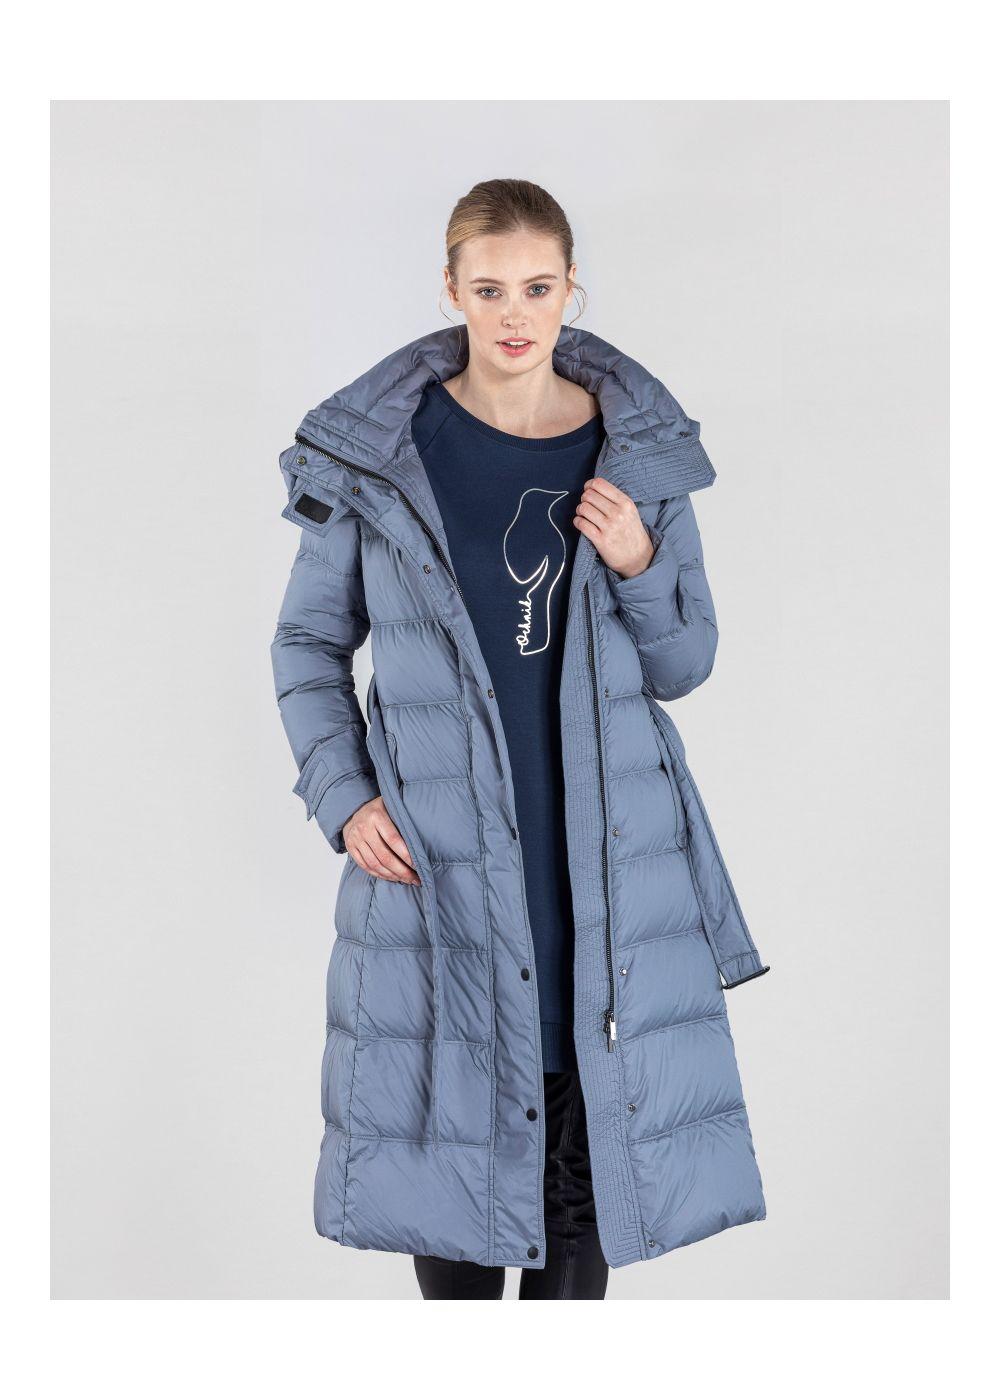 Niebieska zimowa kurtka damska z kapturem KURDT-0268-96(Z20)